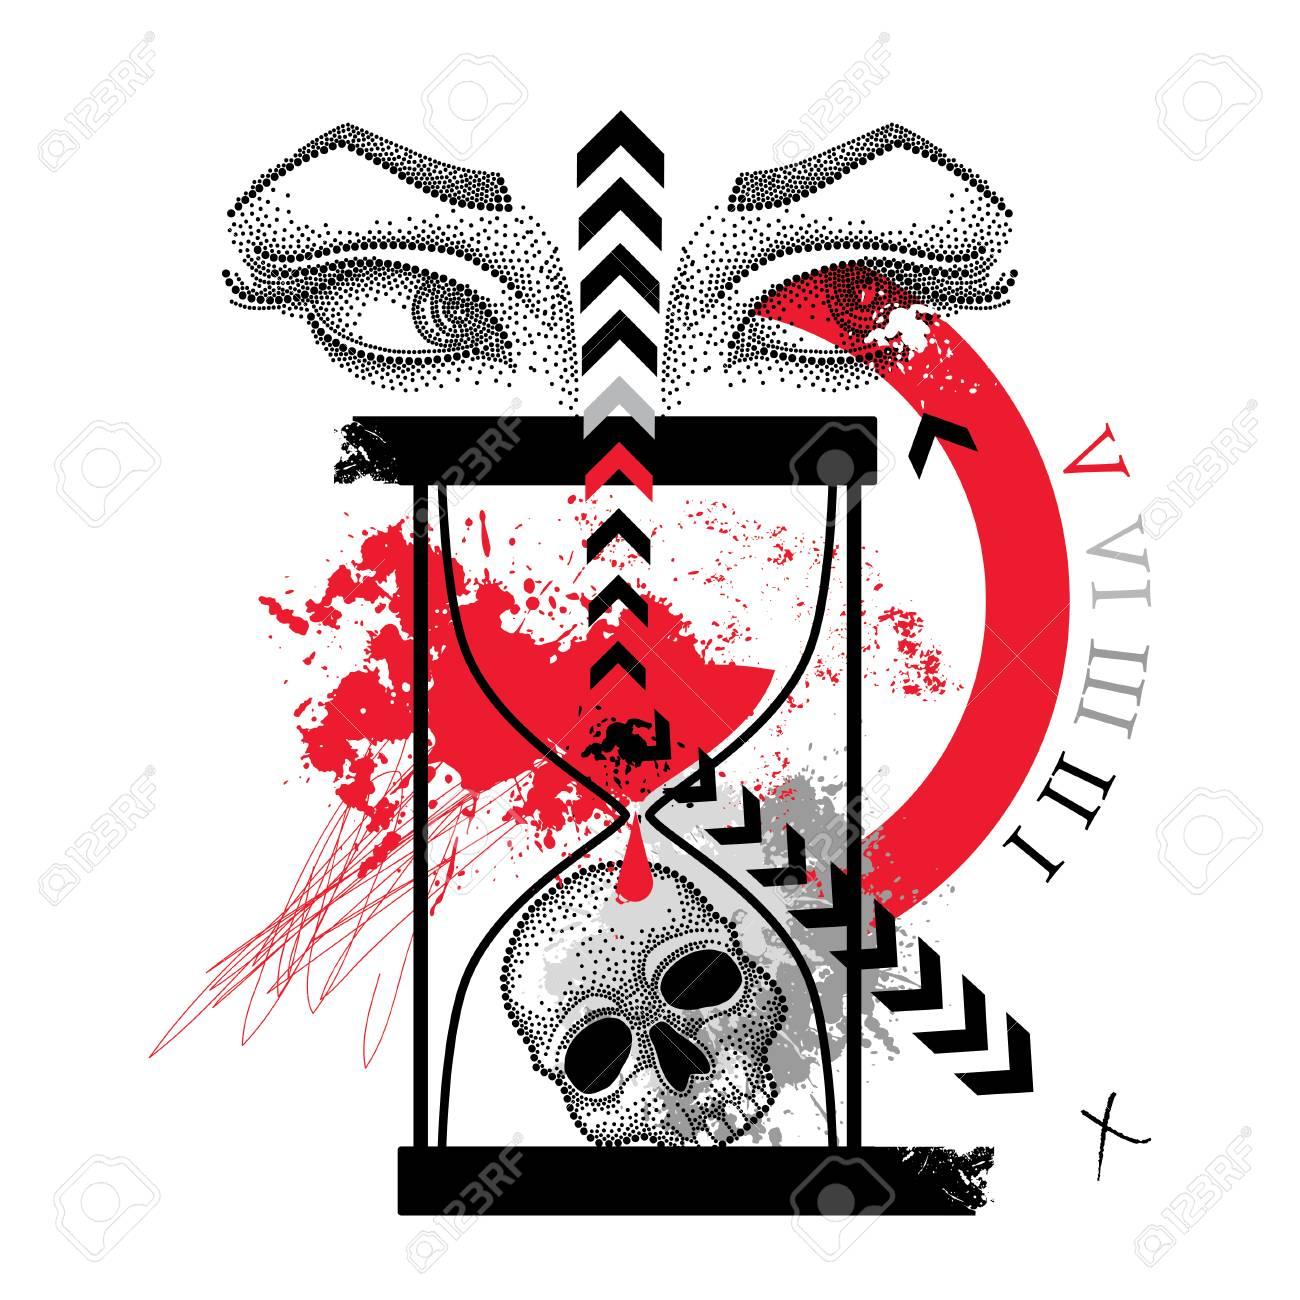 Dessin Pointillé Crâne Yeux De Femme Flèche Abstraite Et Sablier En Rouge Et Noir Isolé Sur Fond Blanc Croquis Pour Le Flash De Tatouage Dans Trash